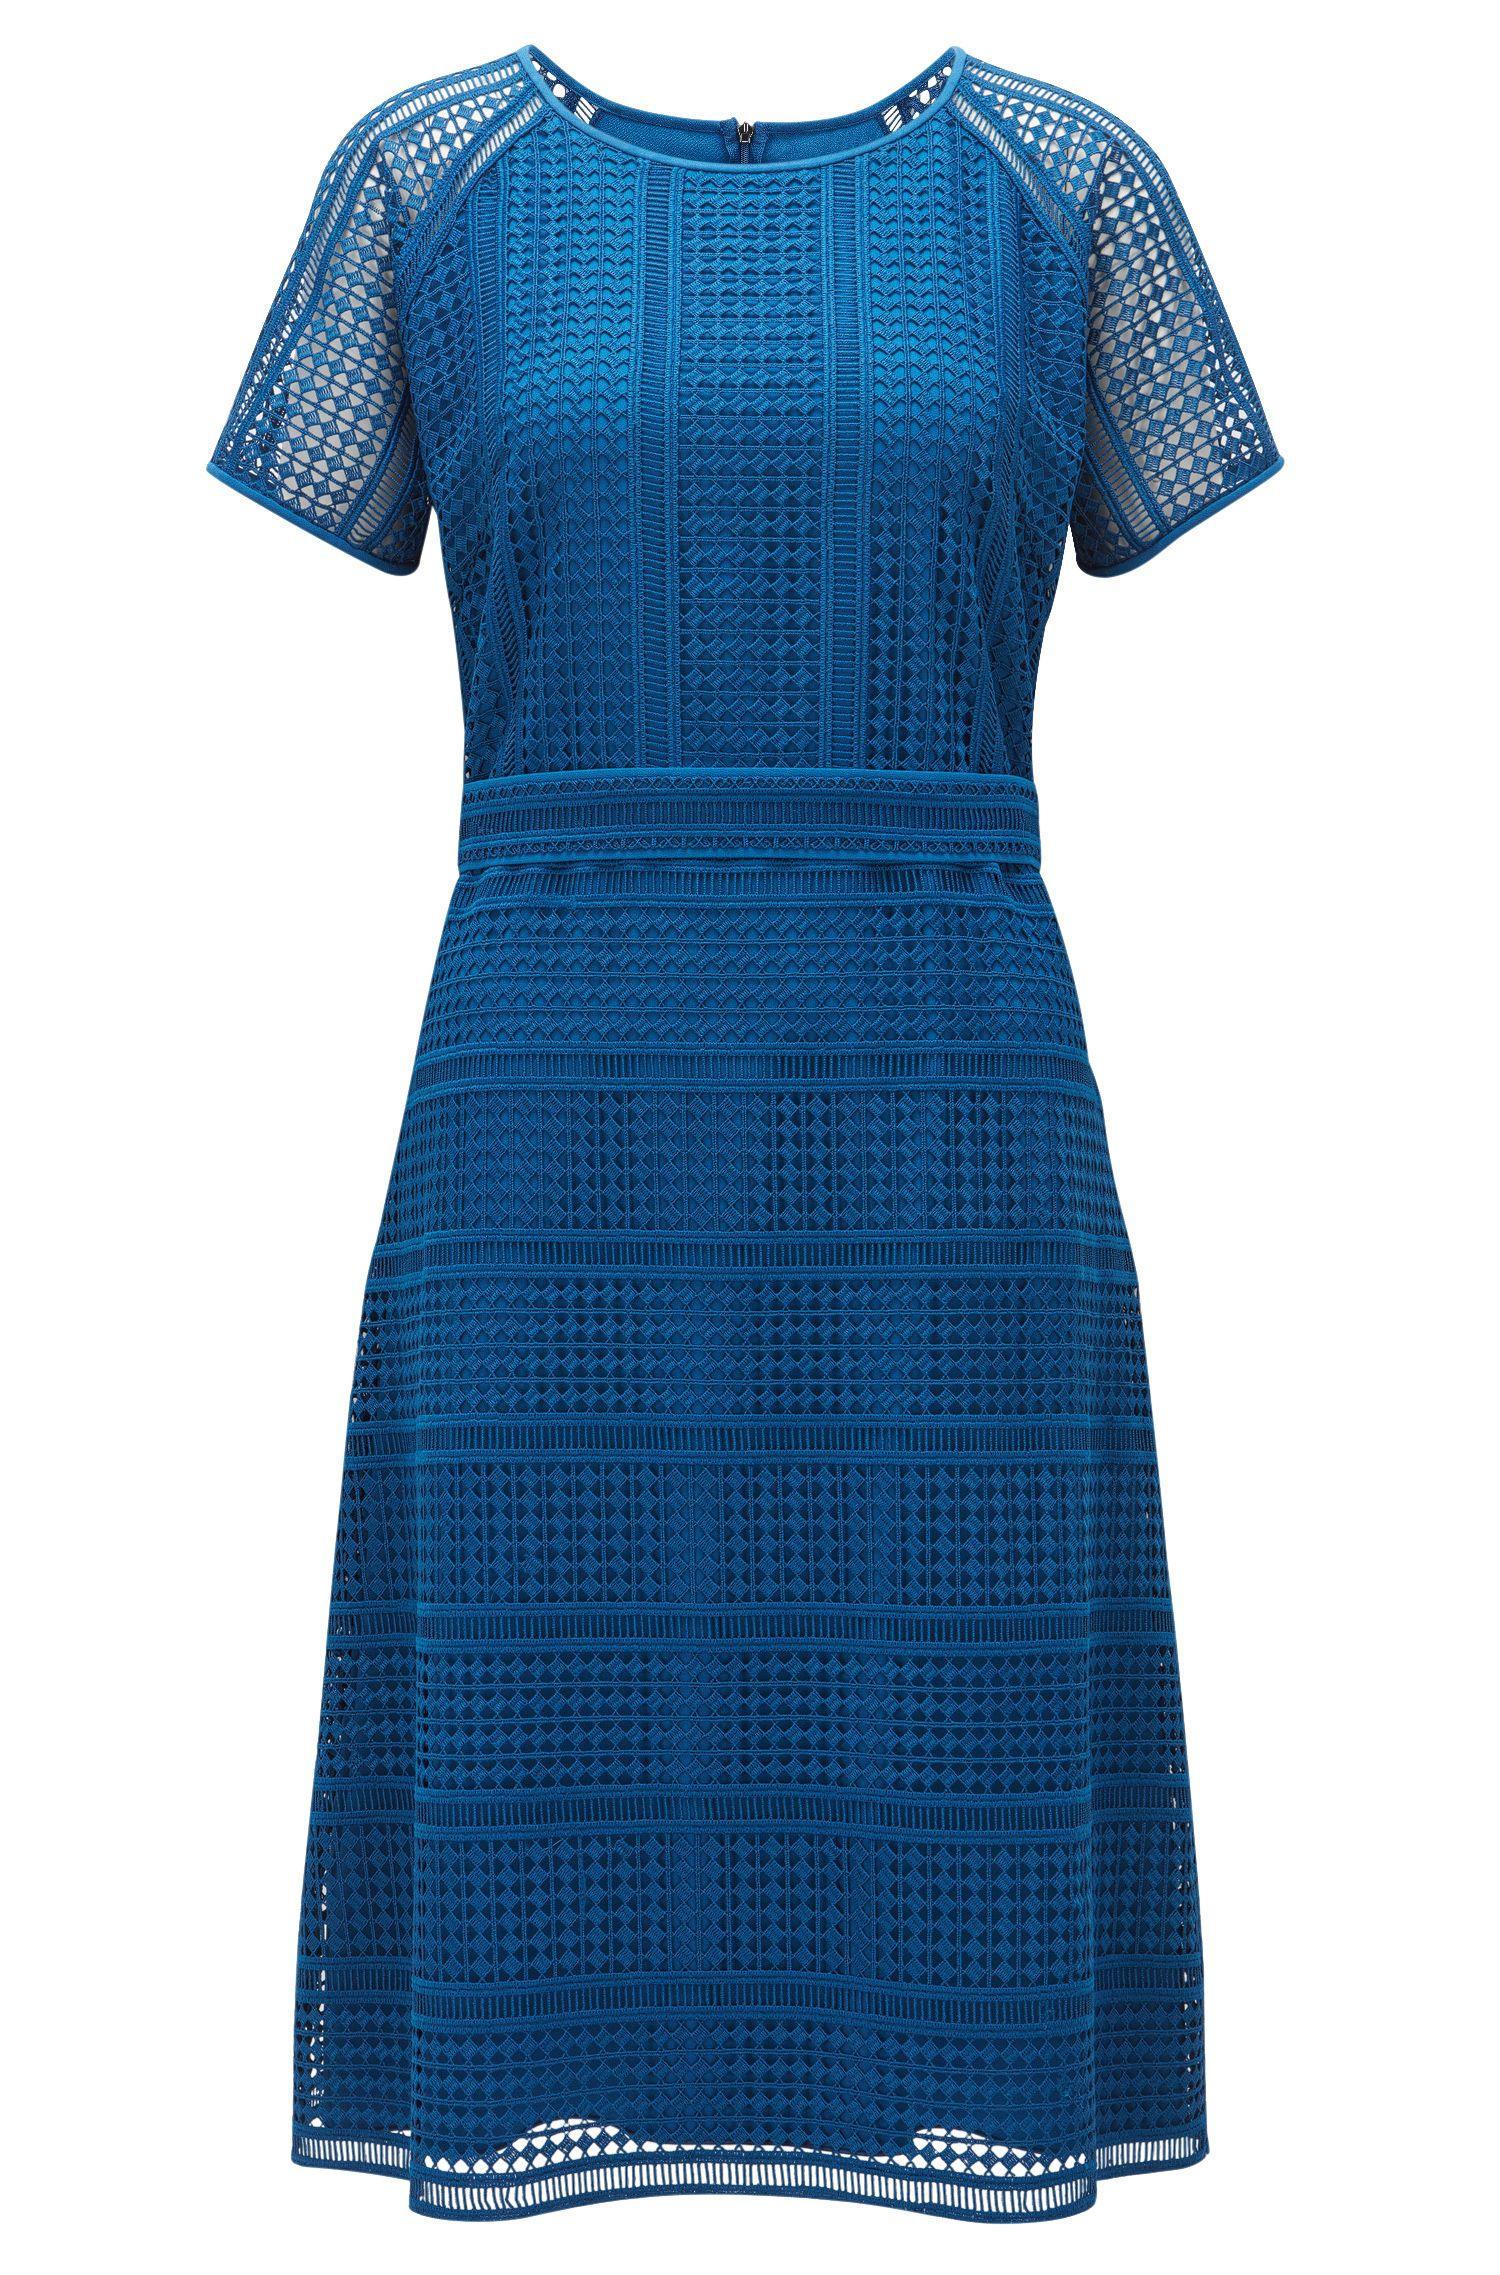 'Domaro' | Eyelet Lace Dress